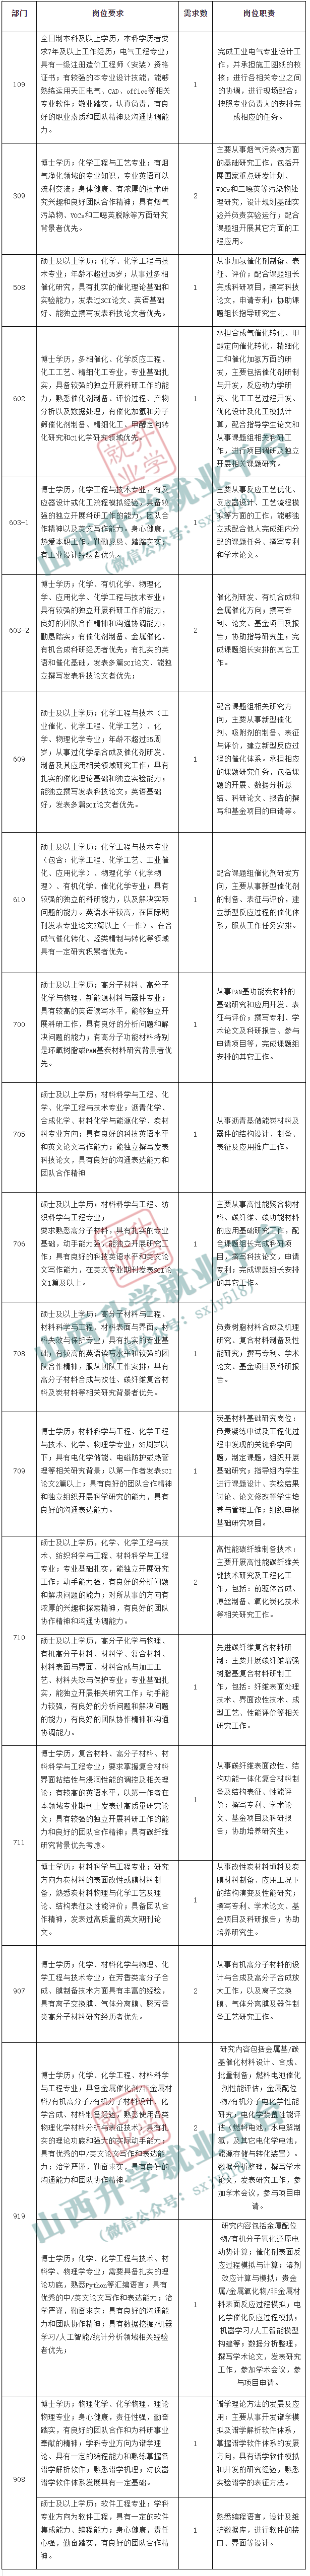 中科院山西煤化所招聘公告  第2张